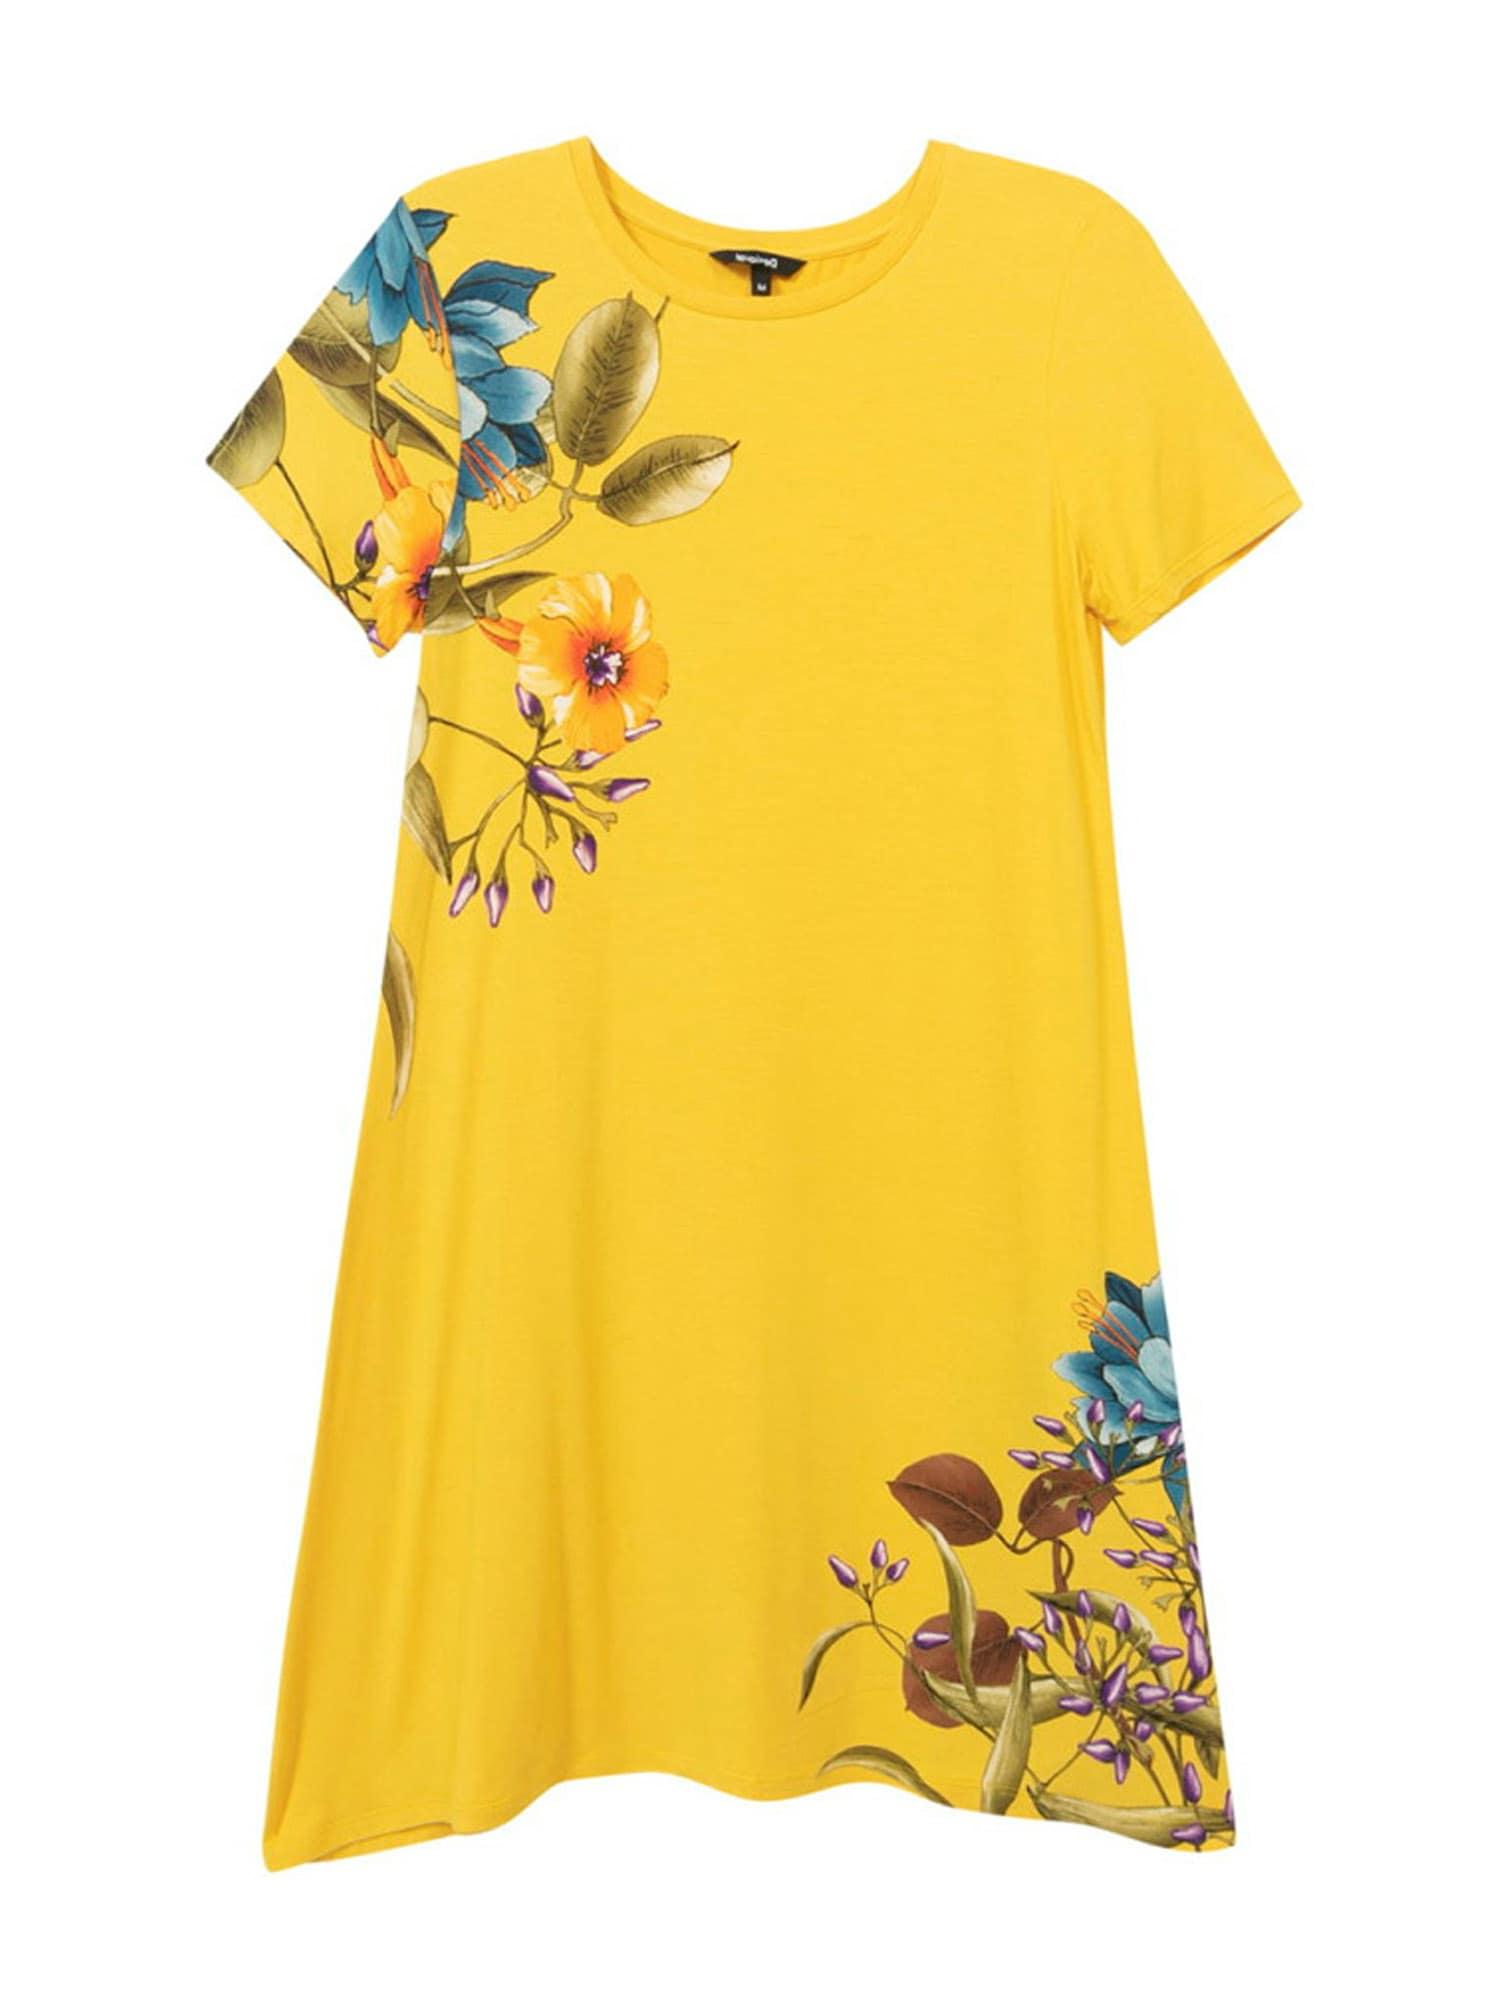 Desigual Letní šaty 'LAS VEGAS'  žlutá / khaki / modrá / oranžová / fialová